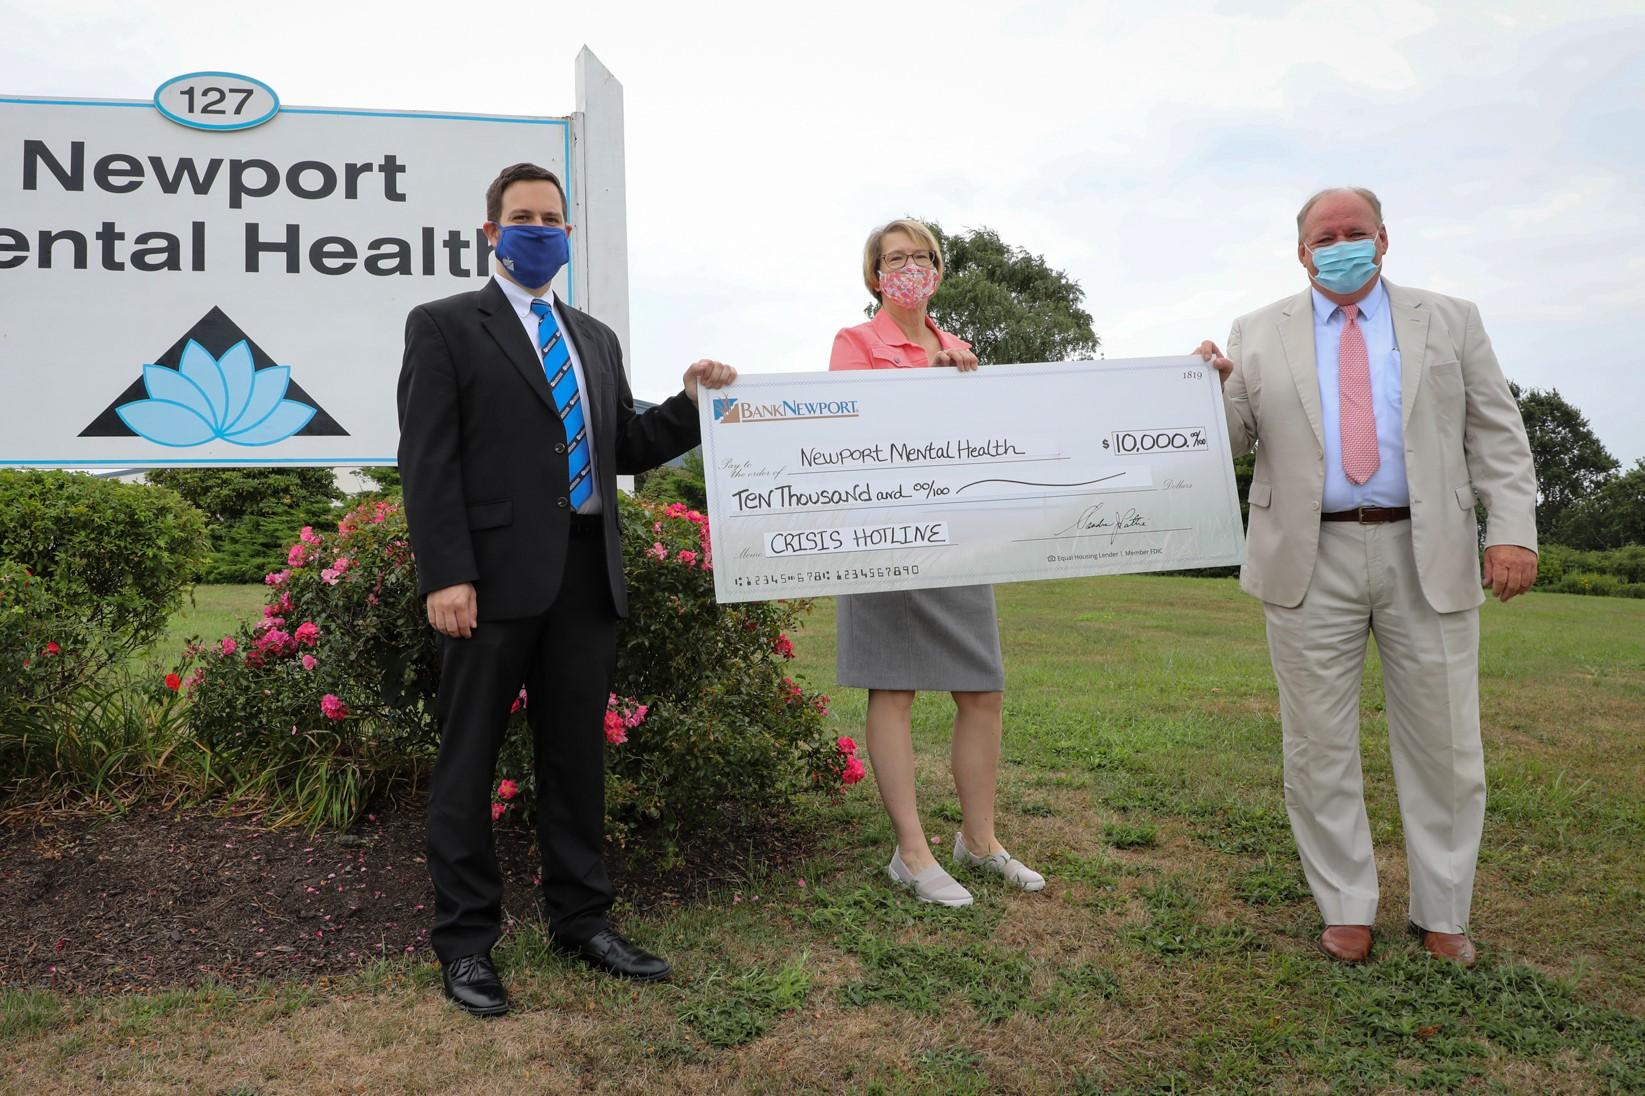 BankNewport Supports Newport Mental Health